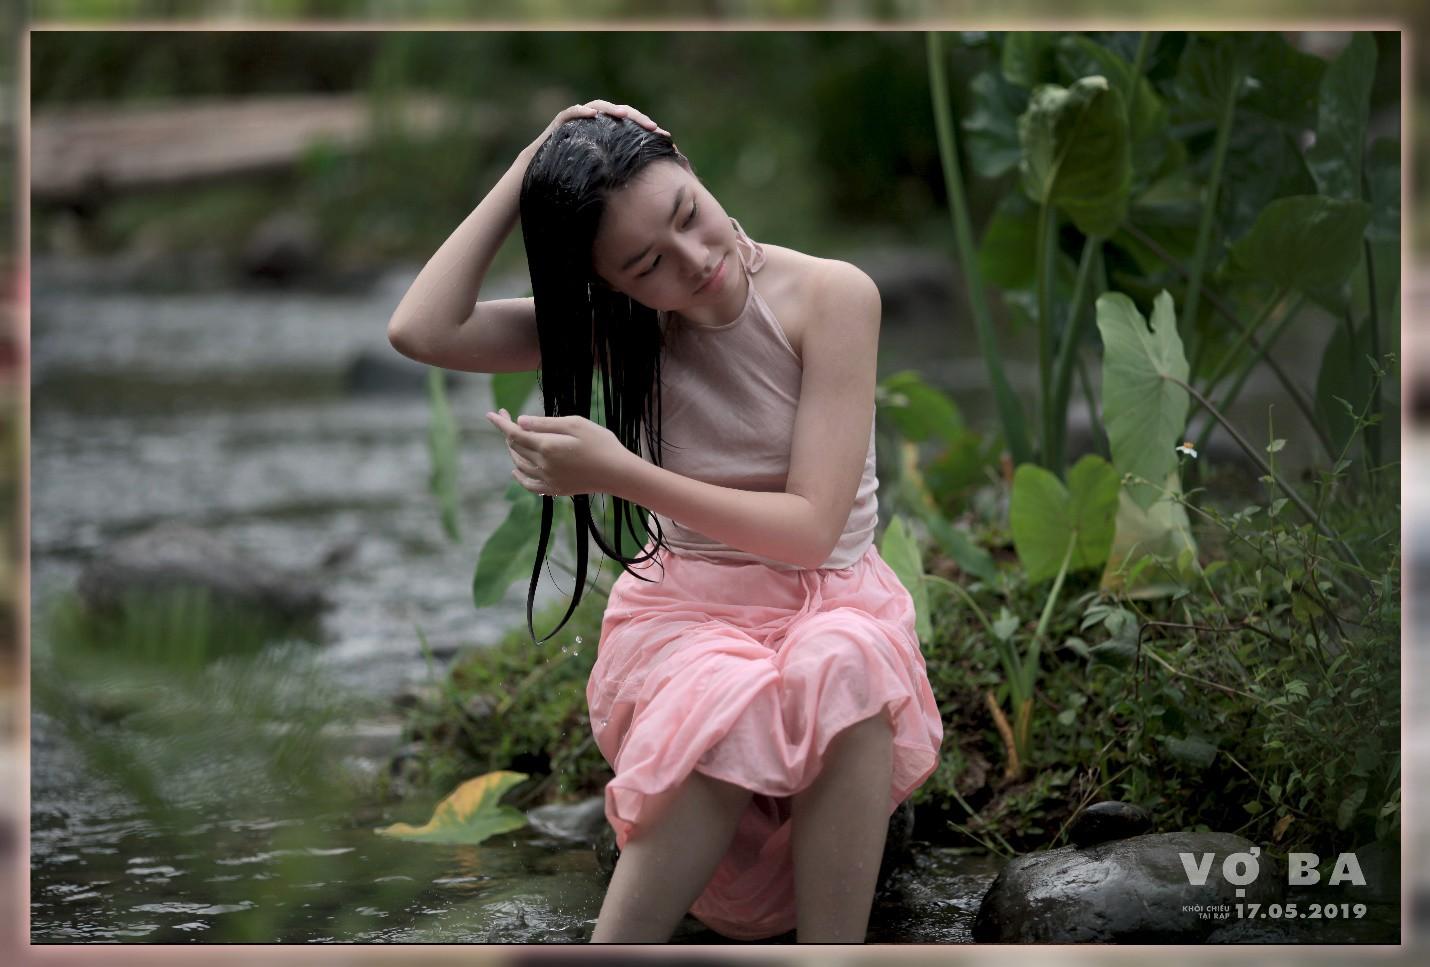 Người Vợ Ba: Vẻ đẹp nước đôi giữa truyền thống và câu chuyện phụ nữ hậu hiện đại - Ảnh 2.